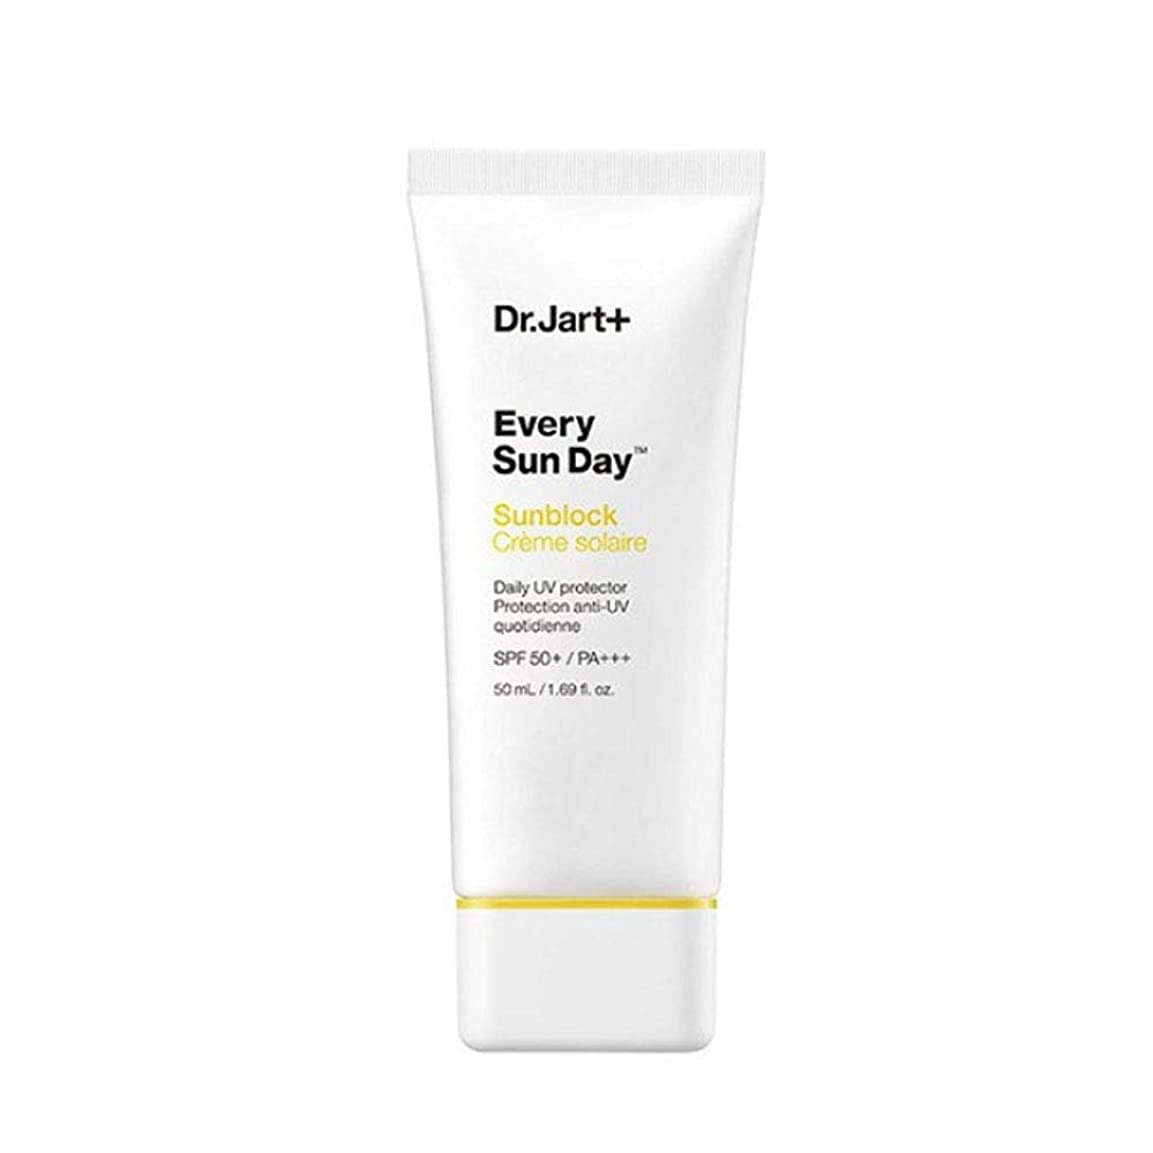 コンソールヒューバートハドソンそれによってドクタージャルトゥエブリサンデーサンブロック50mlサンクリーム韓国コスメ、Dr.Jart Every Sun Day Sun Block 50ml Sun Cream Korean Cosmetics [並行輸入品]